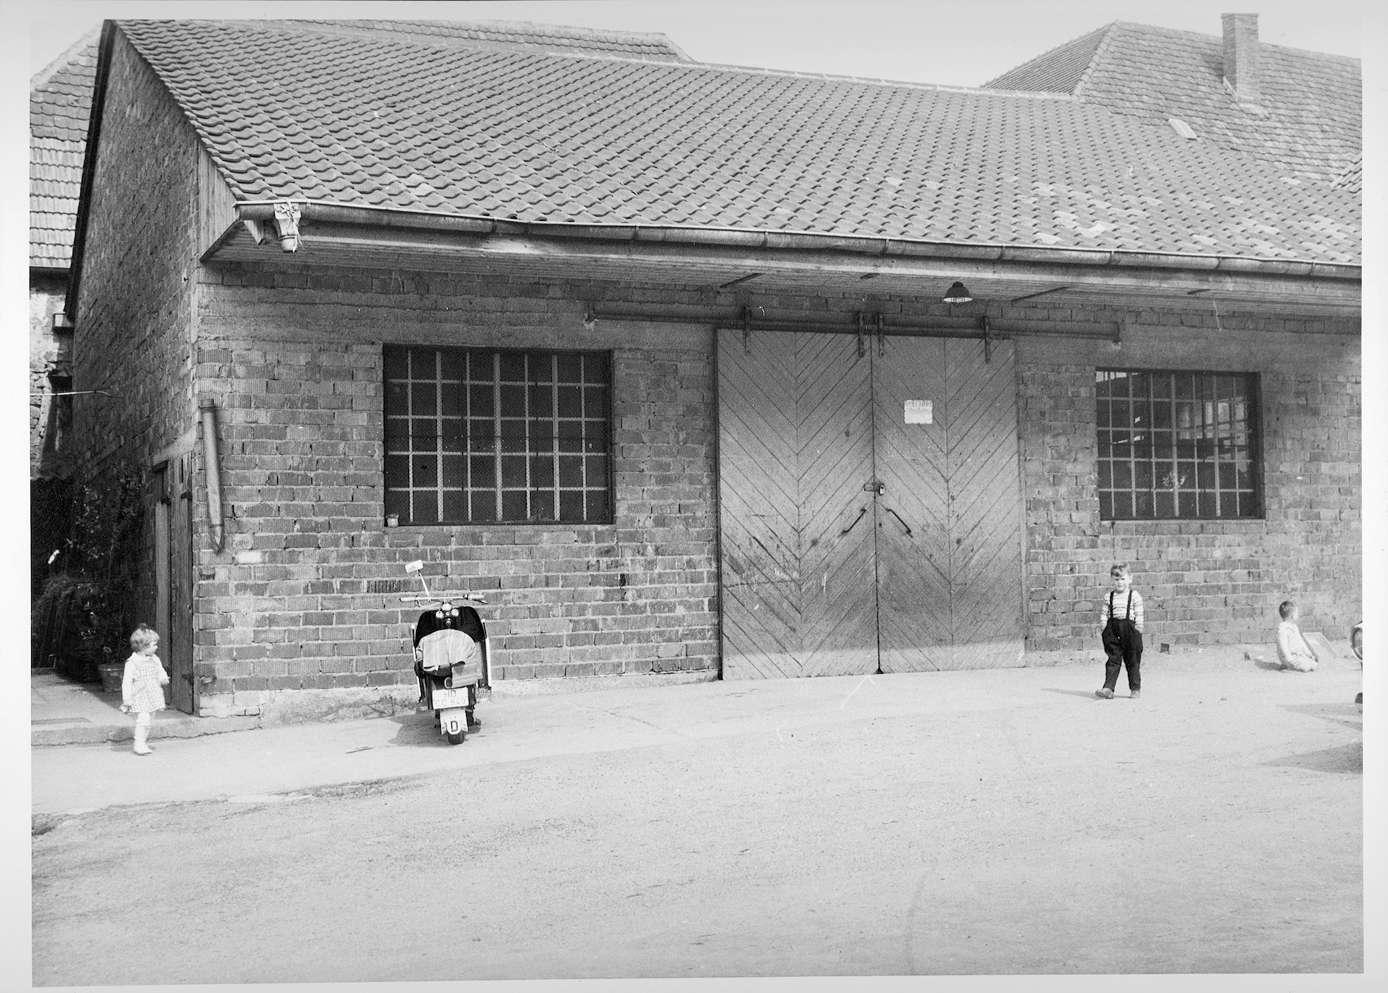 Malsch, HD; Platz der ehemaligen Synagoge, Bild 1